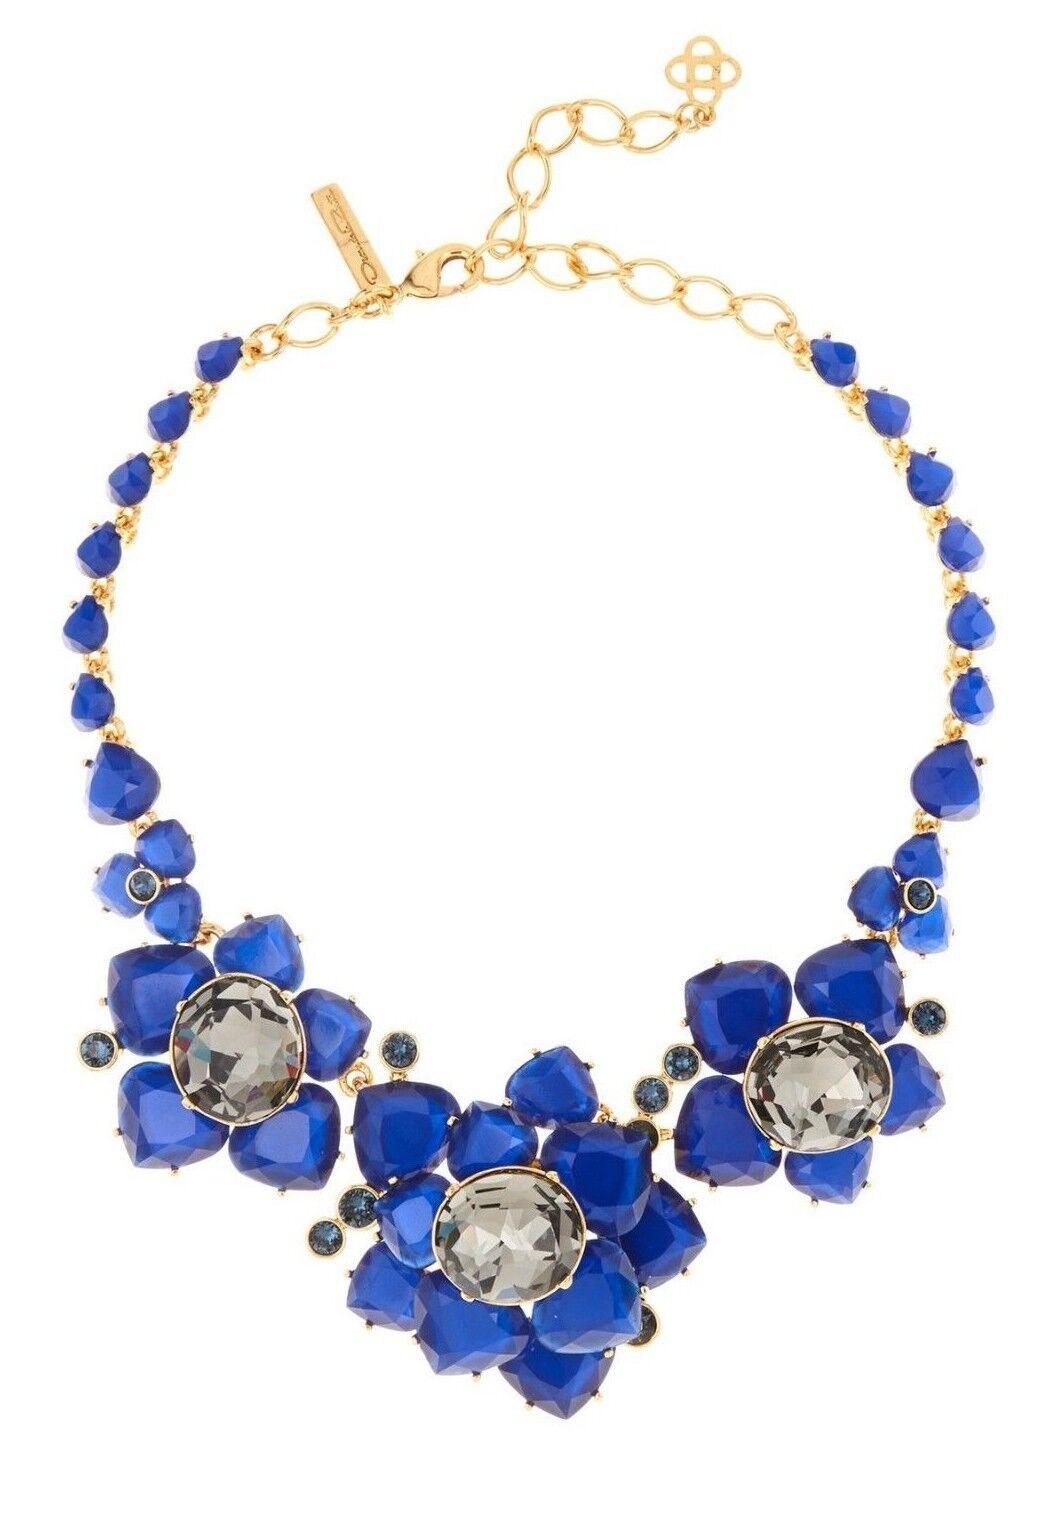 990 NEW Oscar de la Renta Faceted Resin Crystal Embellished Flower Lapis bluee